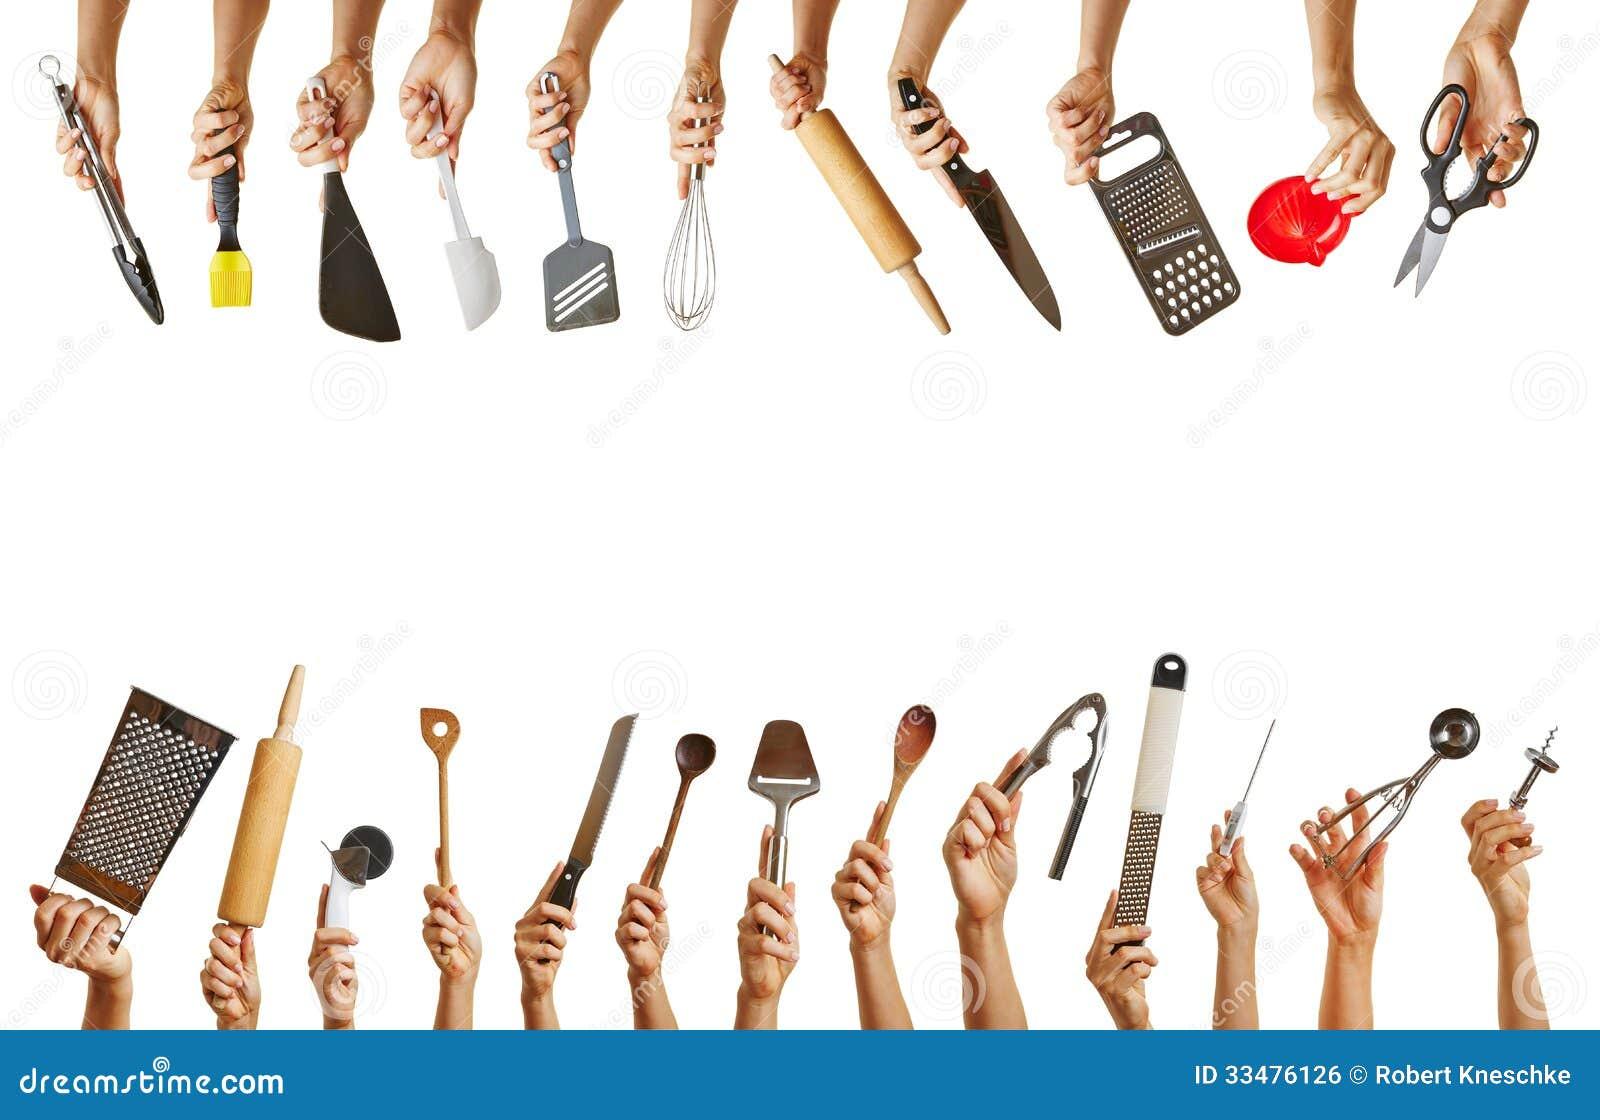 Beaucoup de mains tenant diff rents outils de cuisine photo stock image du cuisine fond 33476126 - Outil de cuisine liste ...